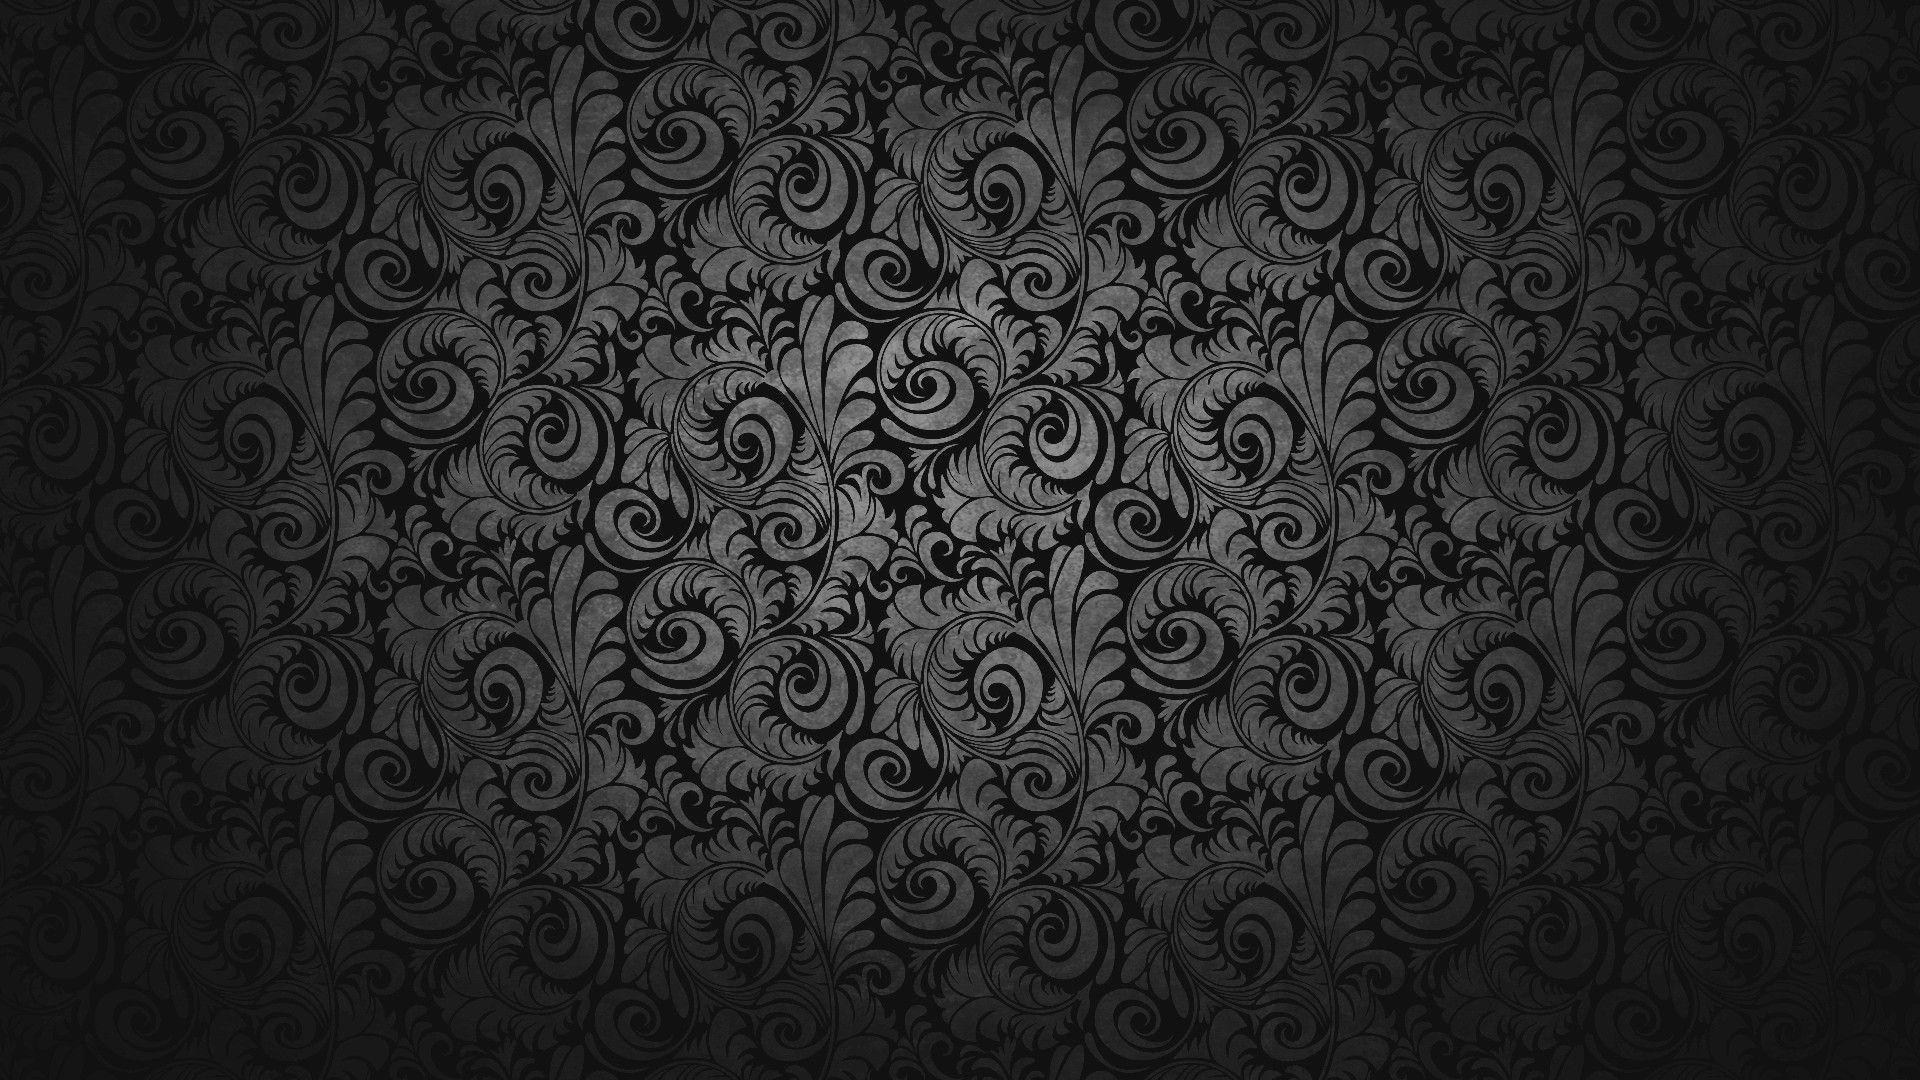 black images